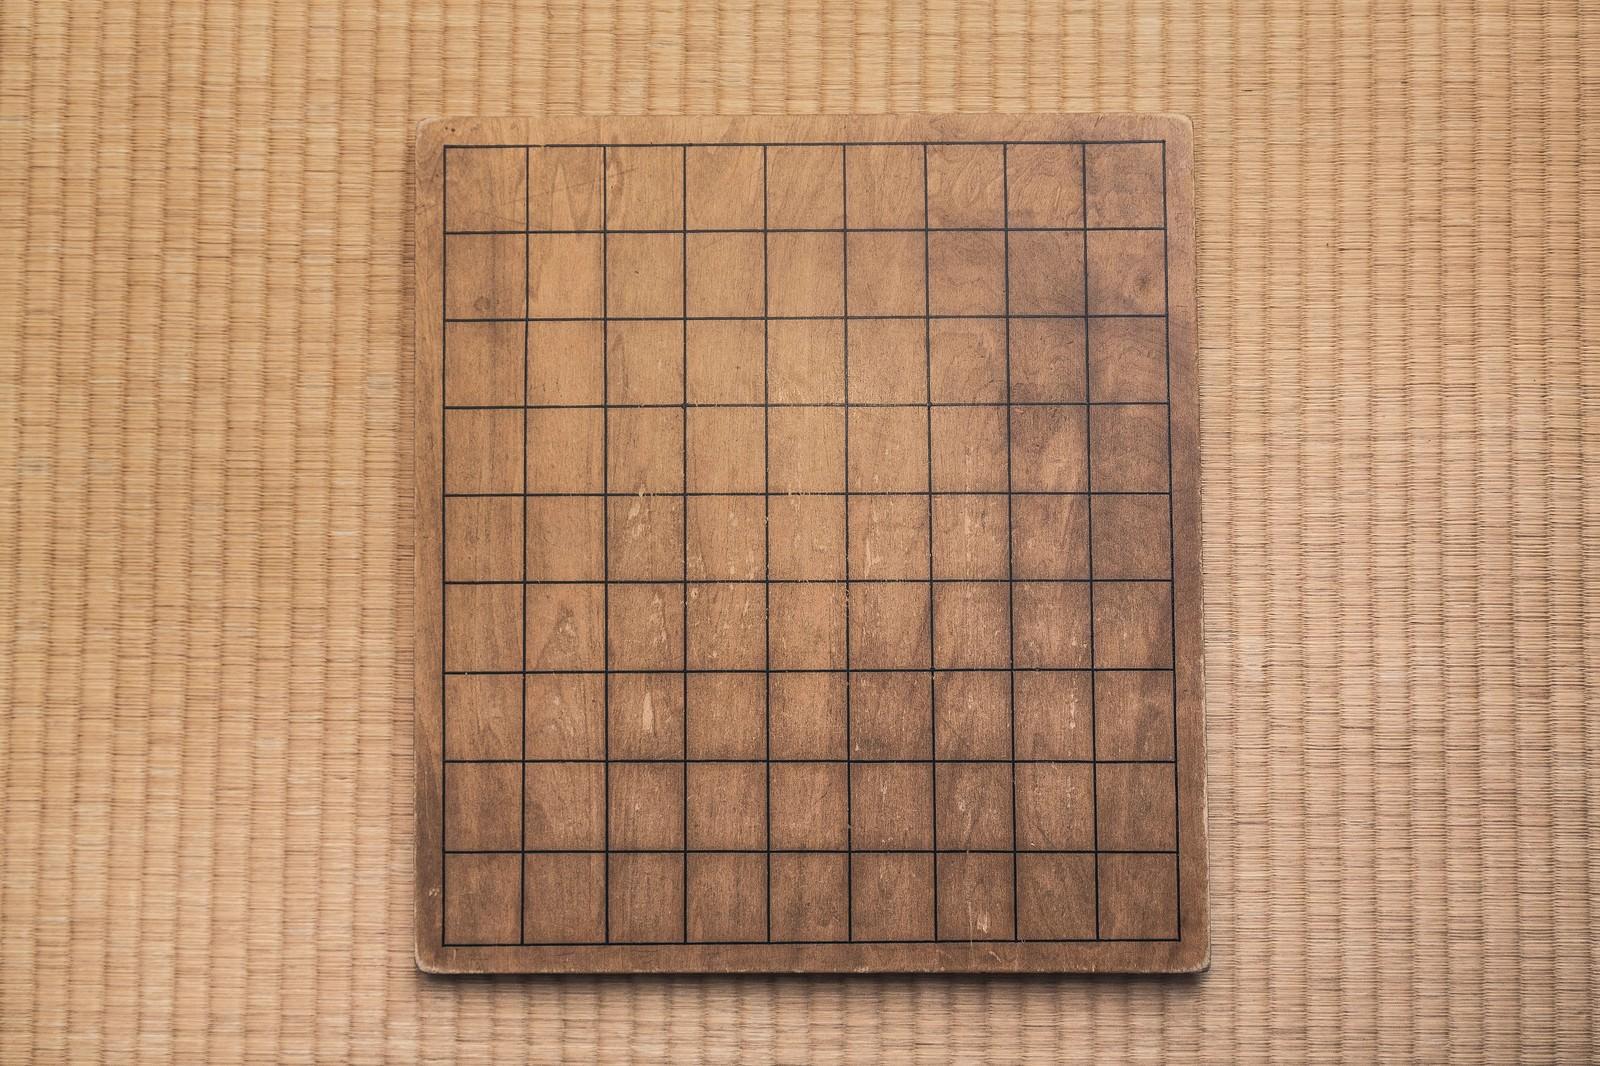 「使い古された将棋盤」の写真